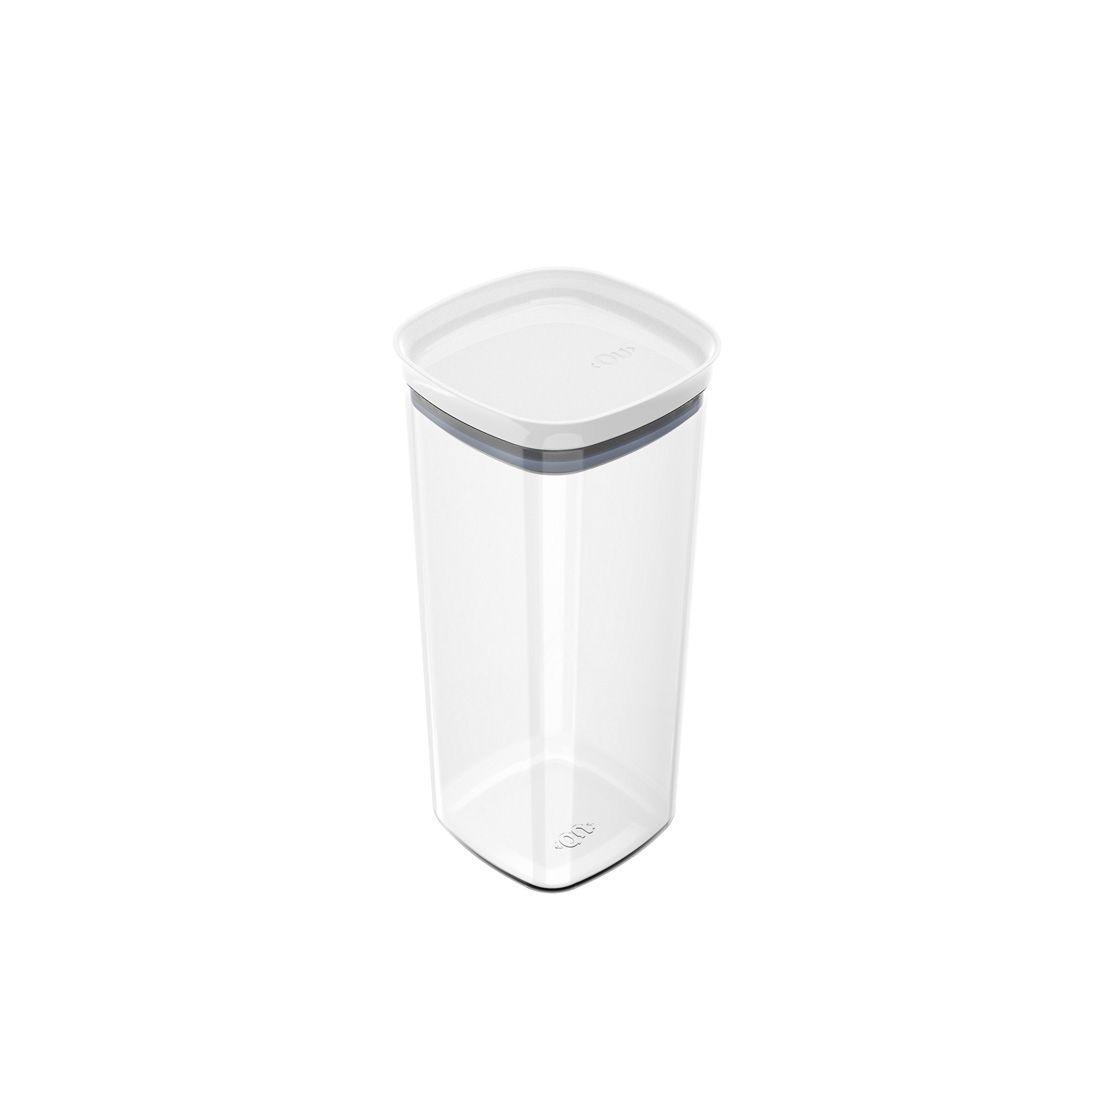 Pote de Plástico com Tampa Hermética Block 1,5L Branco